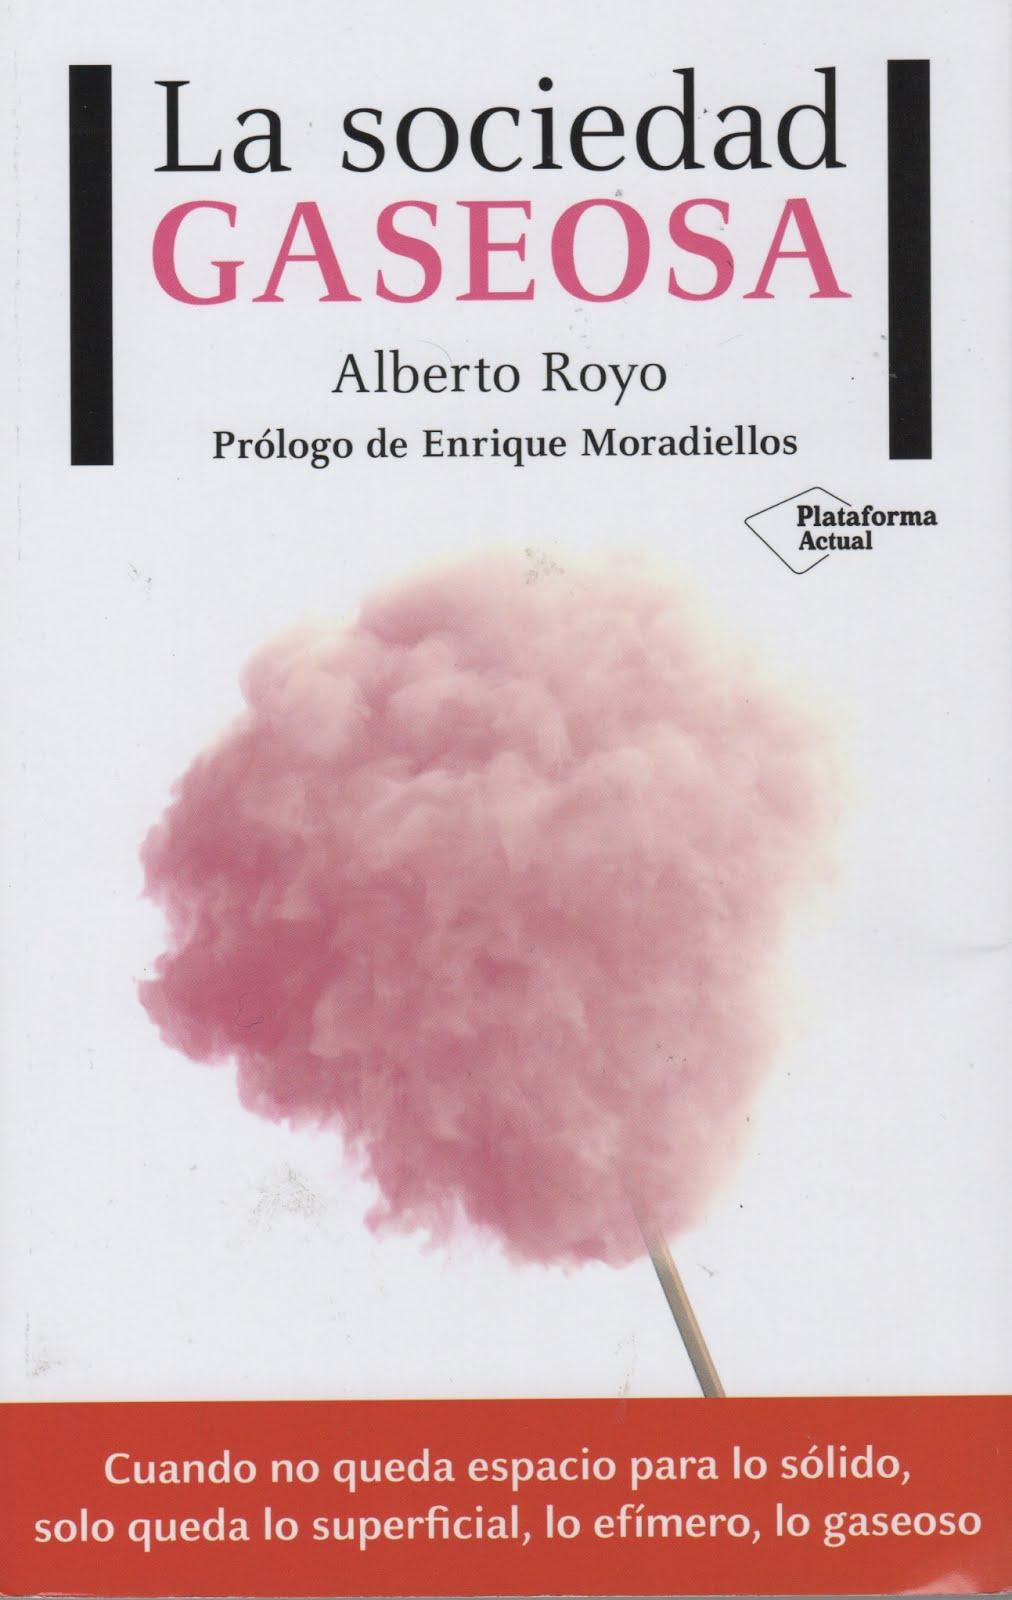 Alberto Royo (La sociedad gaseosa)